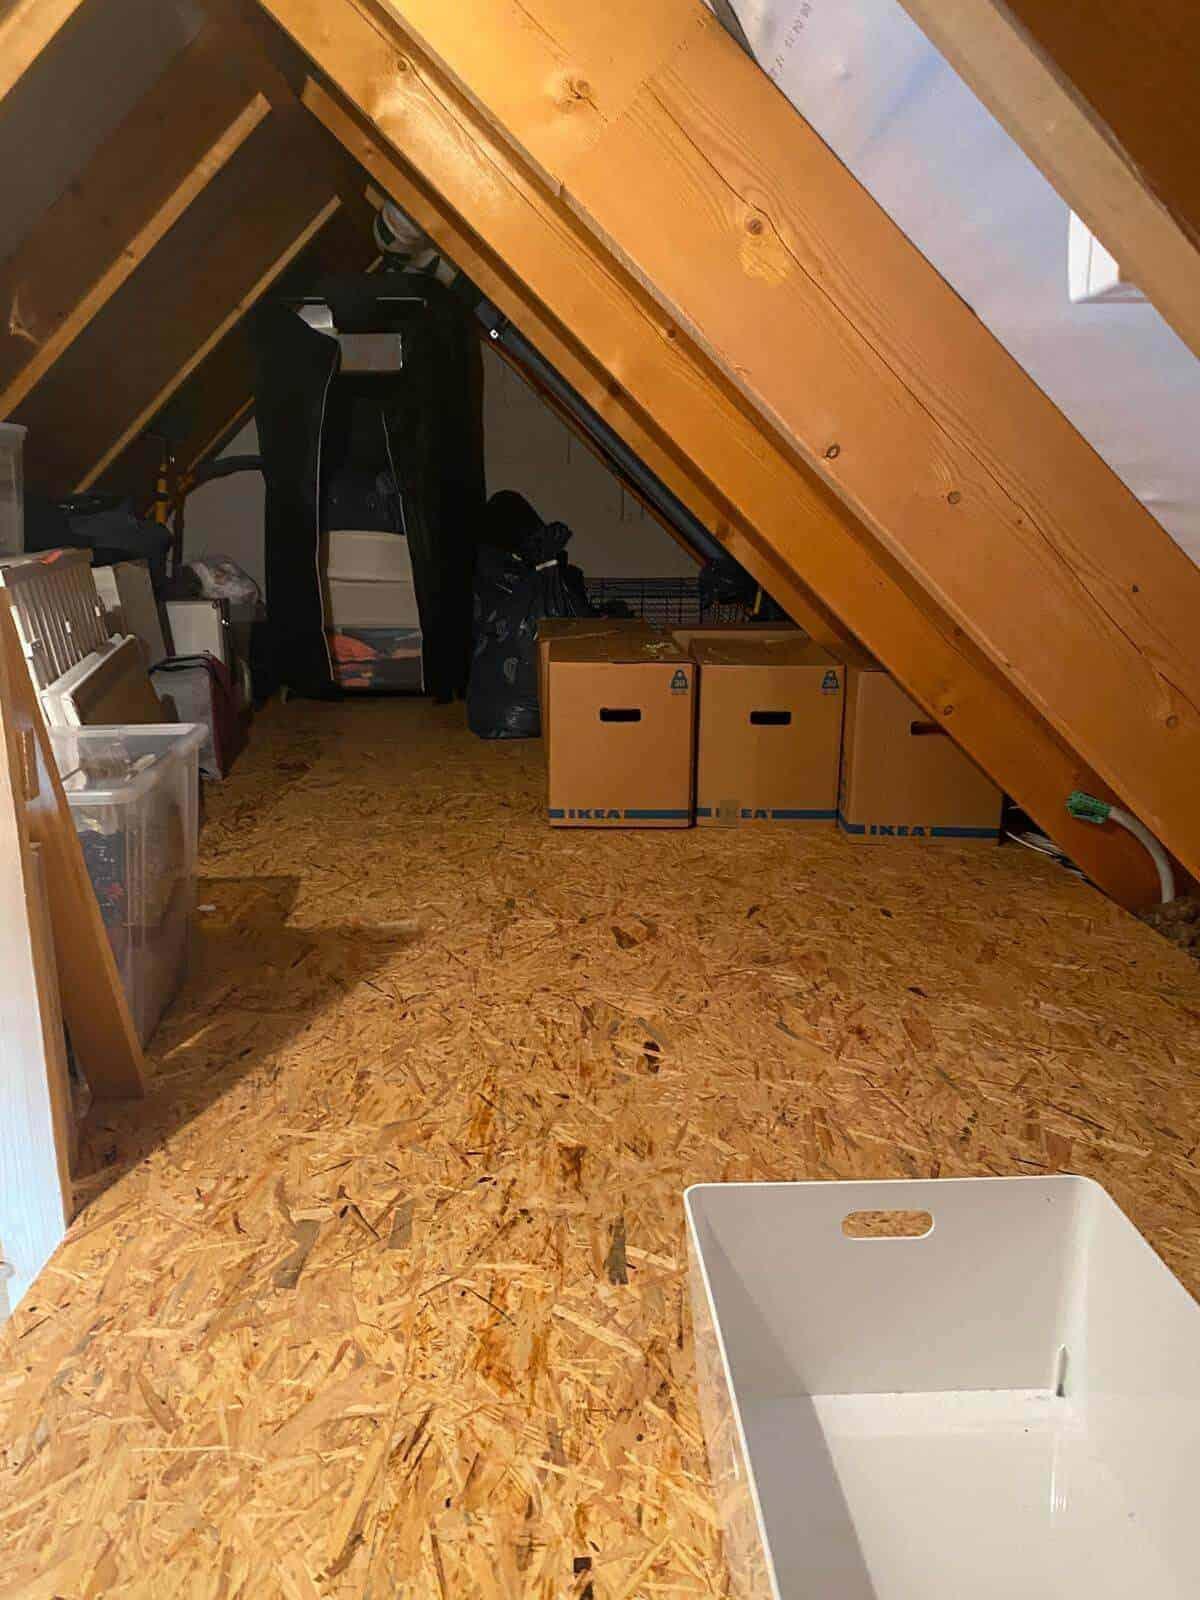 unseren spitzboden haben wir beim hausbau direkt beplanken lassen damit wir beim umzug direkt einige kartons auf den dachboden bringen konnten